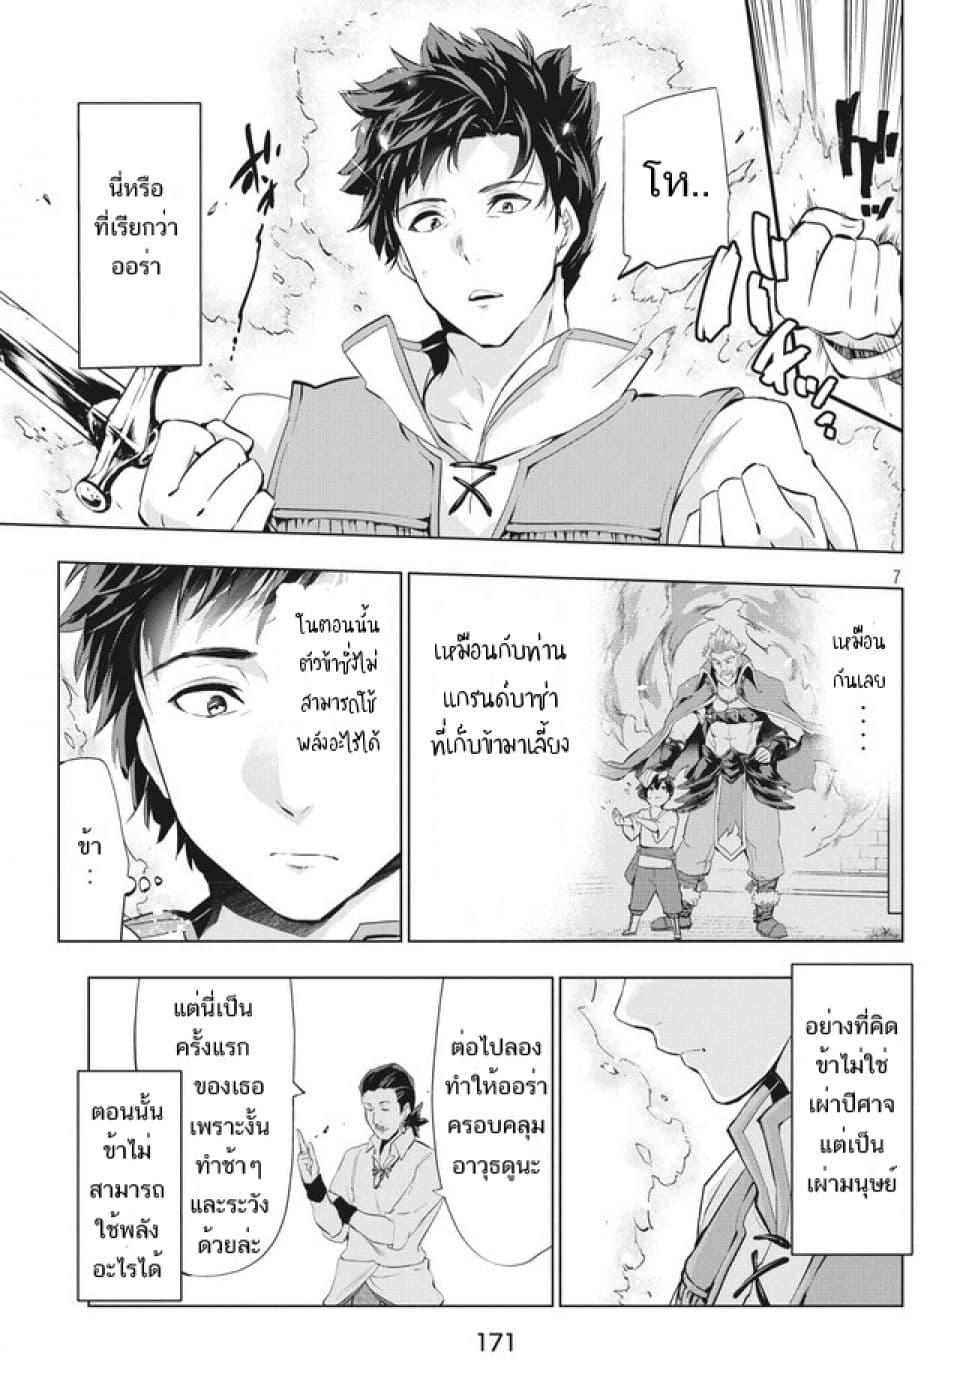 อ่านการ์ตูน Kaiko sareta Ankoku Heishi (30-dai) no Slow na Second ตอนที่ 3 หน้าที่ 6